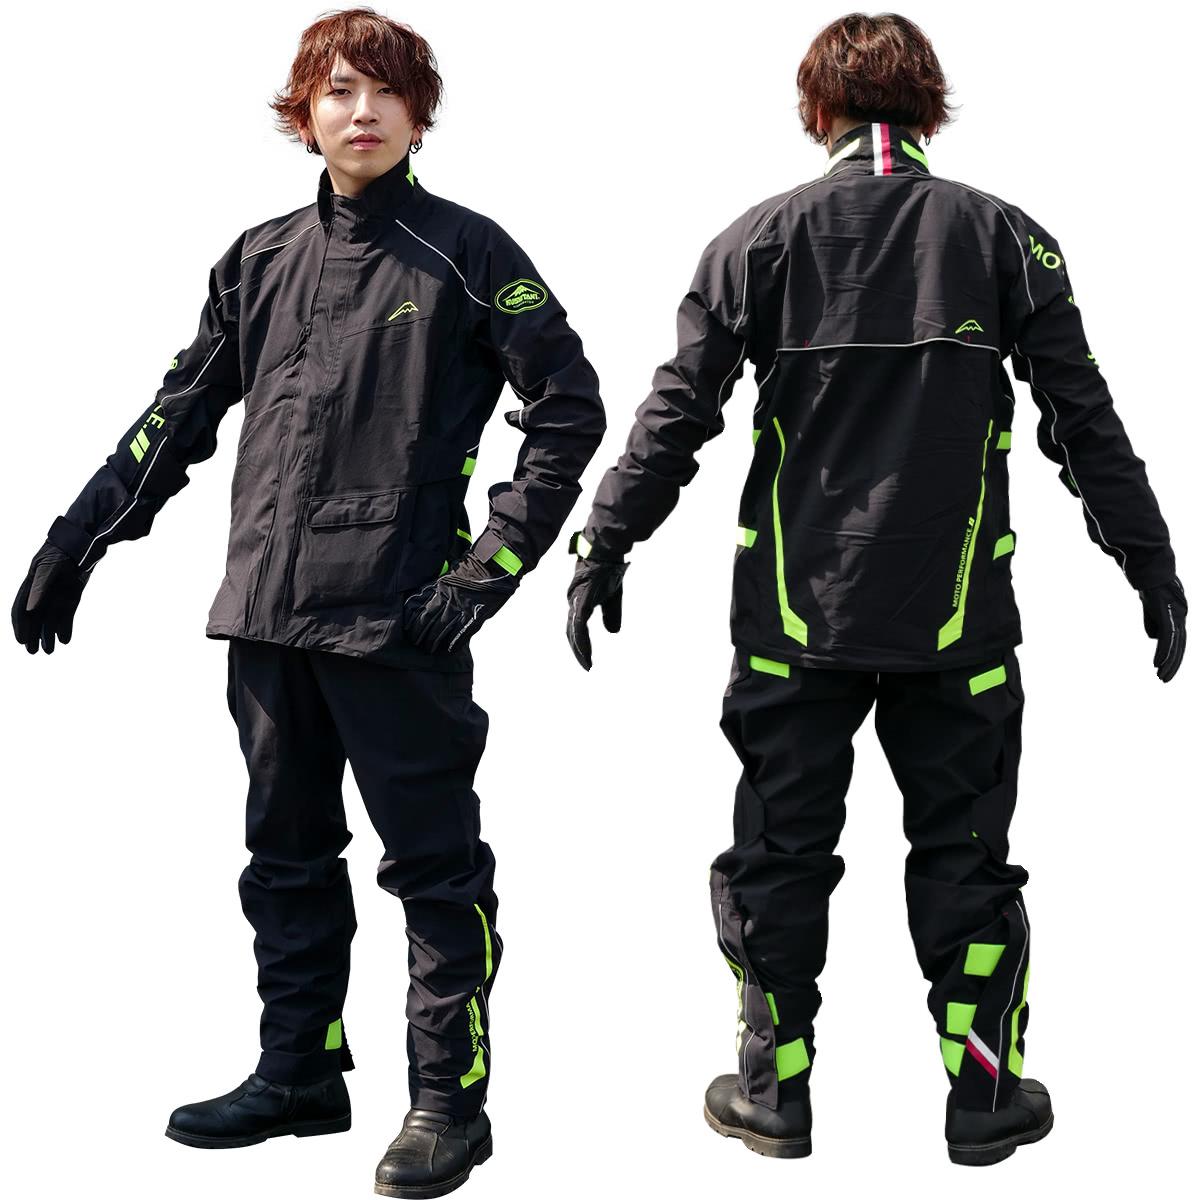 クシタニ K-3025 ストレッチレインスーツ 着用イメージ